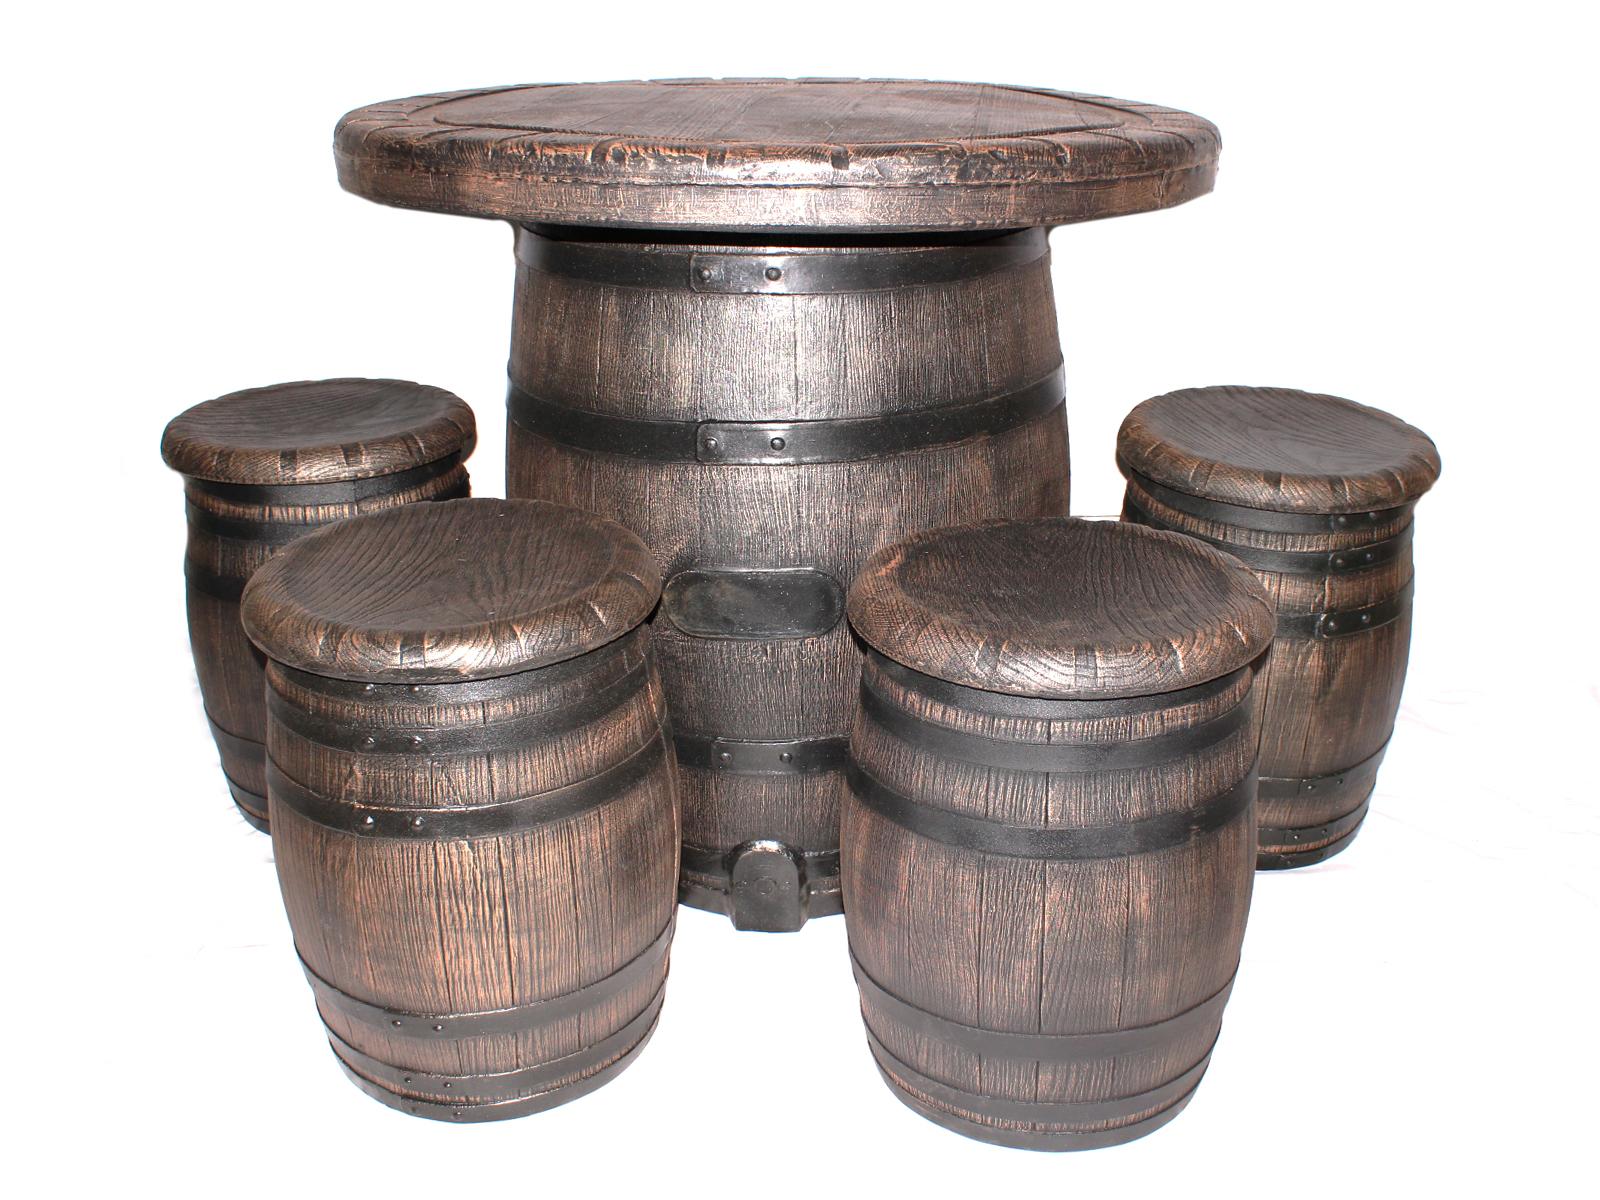 Набор мебели БочонокКомплекты уличной мебели<br>Набор мебели &amp;quot;Бочонок&amp;quot; уникальный в своем роде. Данный комплект (стол+4 табуреток) выполнен в идеальной точности имитации под дерево.&amp;amp;nbsp;&amp;lt;div&amp;gt;&amp;lt;br&amp;gt;&amp;lt;/div&amp;gt;&amp;lt;div&amp;gt;Размер стола: 100х90:, размер табурета 40х53.&amp;amp;nbsp;&amp;lt;/div&amp;gt;&amp;lt;div&amp;gt;Крышка стола накручивается на основание.&amp;lt;/div&amp;gt;<br><br>Material: Пластик